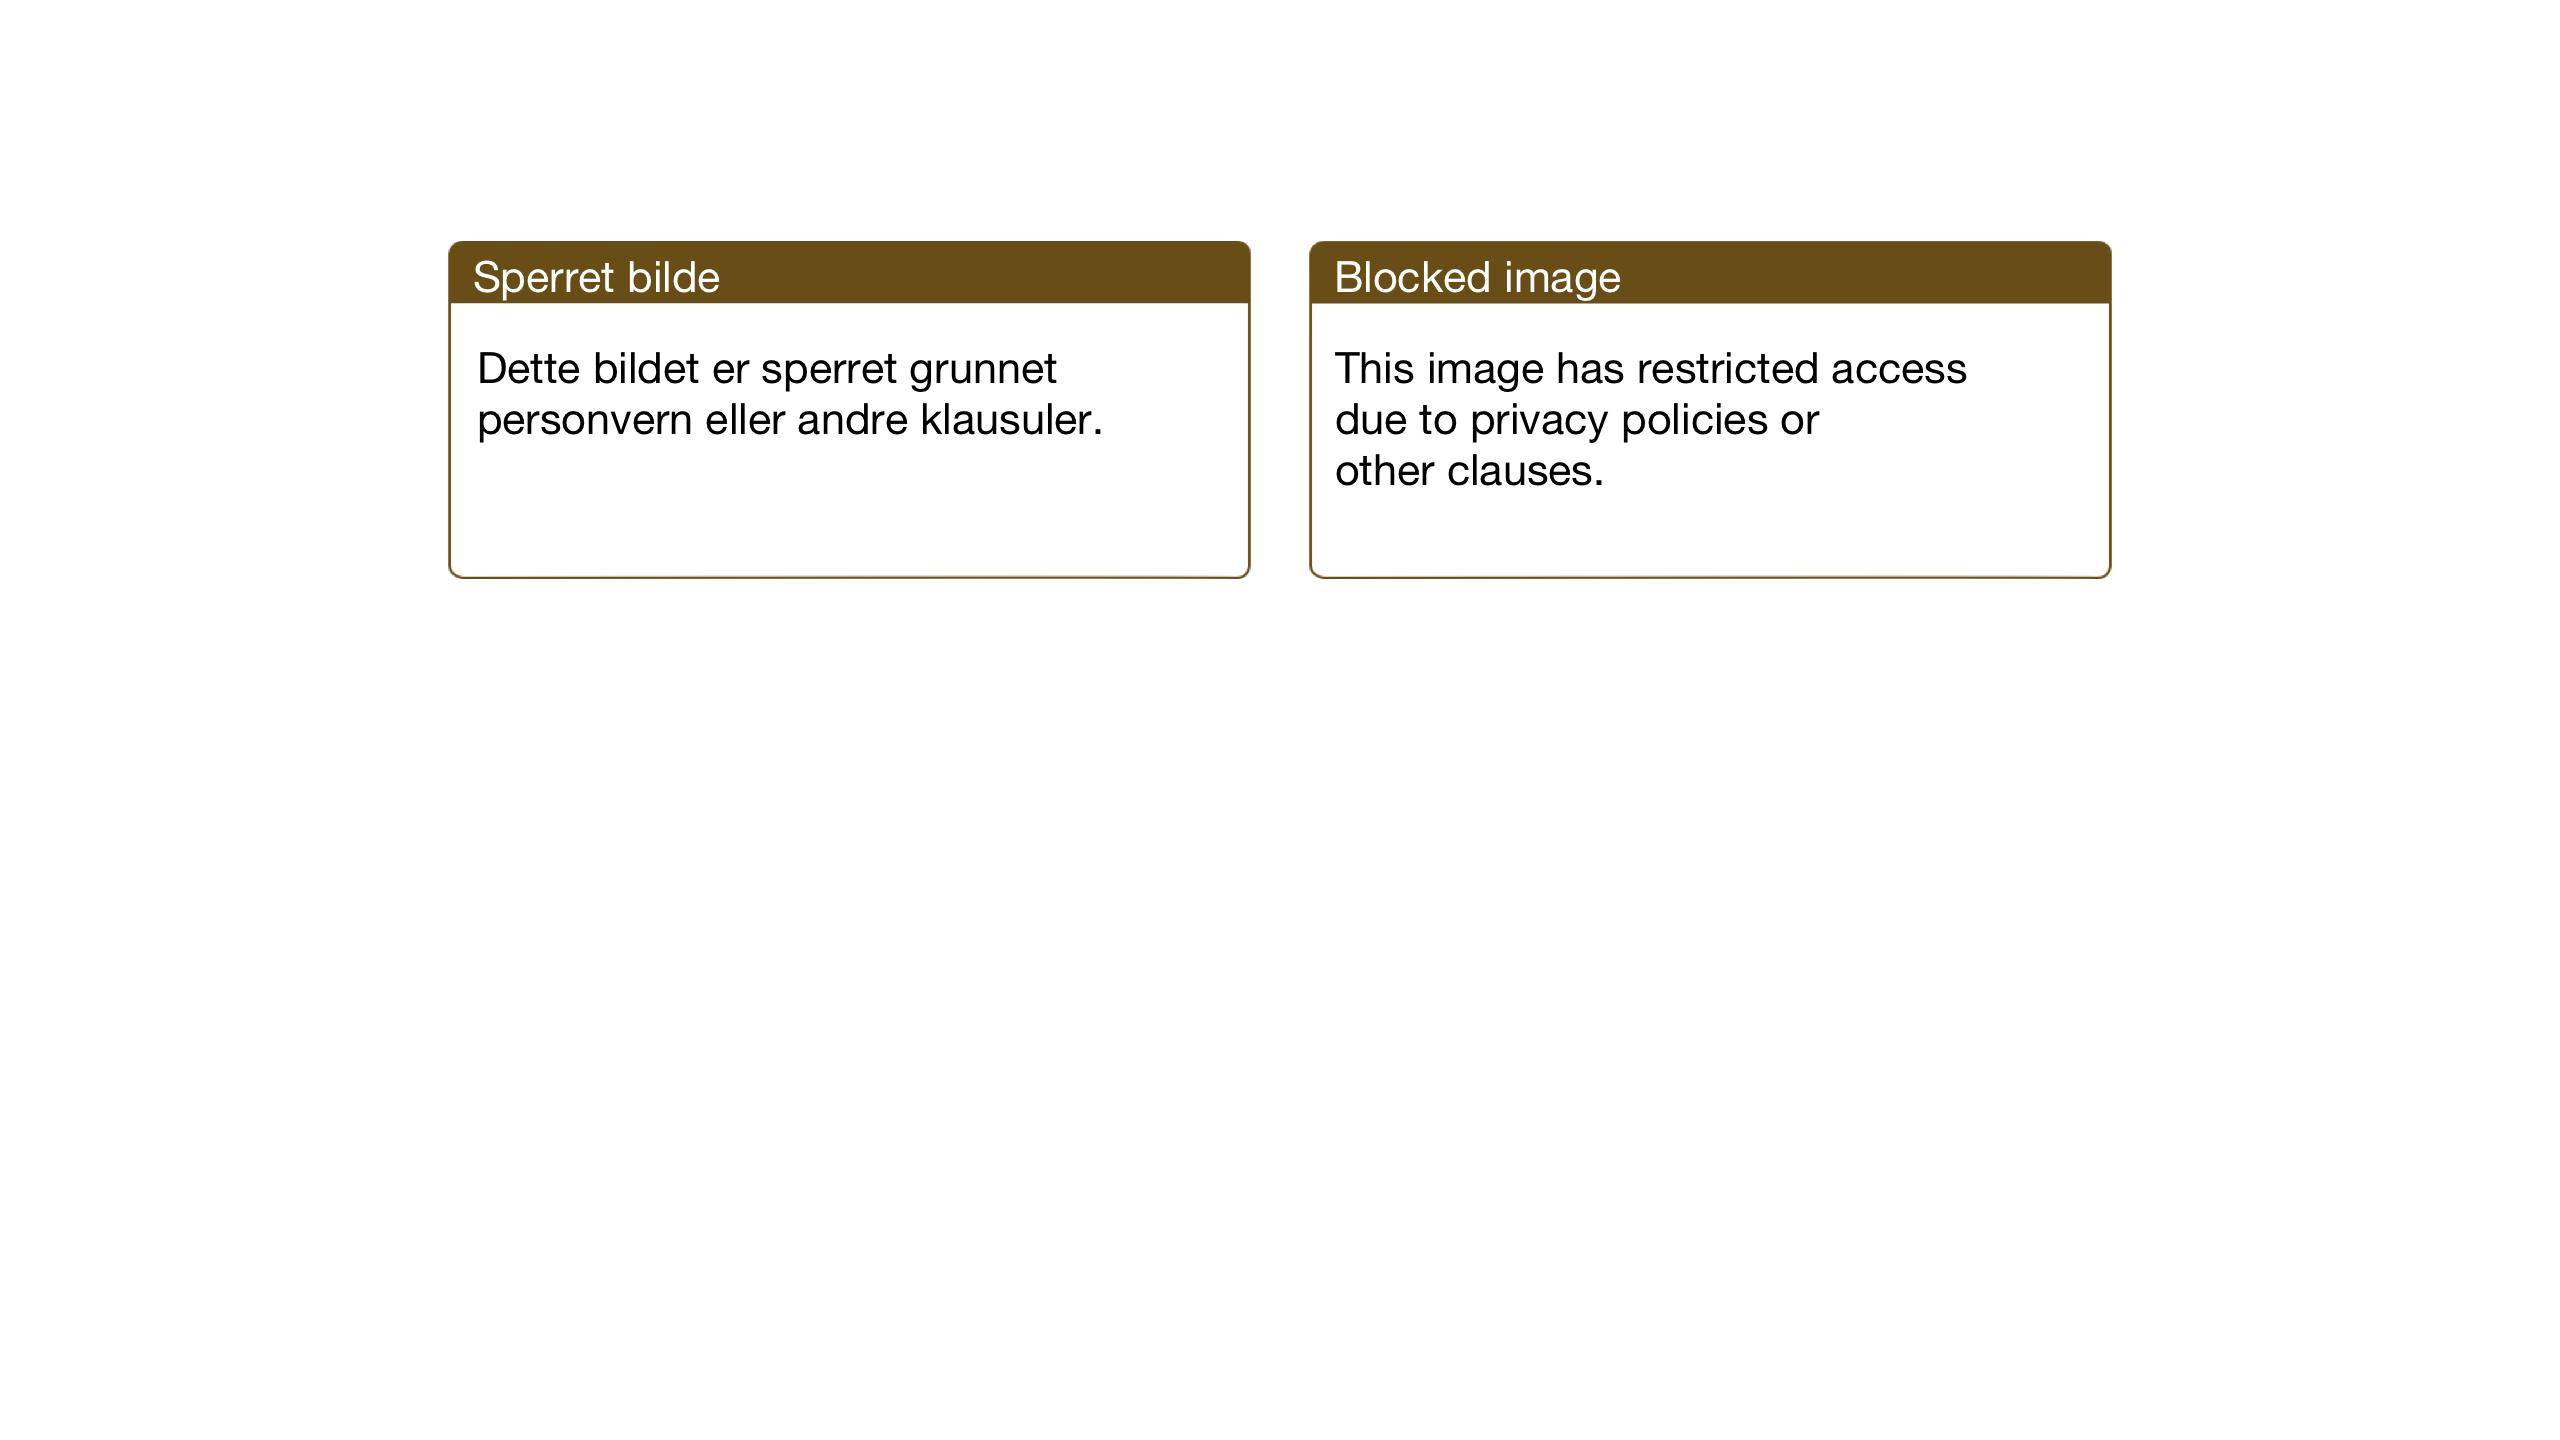 SAT, Ministerialprotokoller, klokkerbøker og fødselsregistre - Sør-Trøndelag, 682/L0947: Klokkerbok nr. 682C01, 1926-1968, s. 15